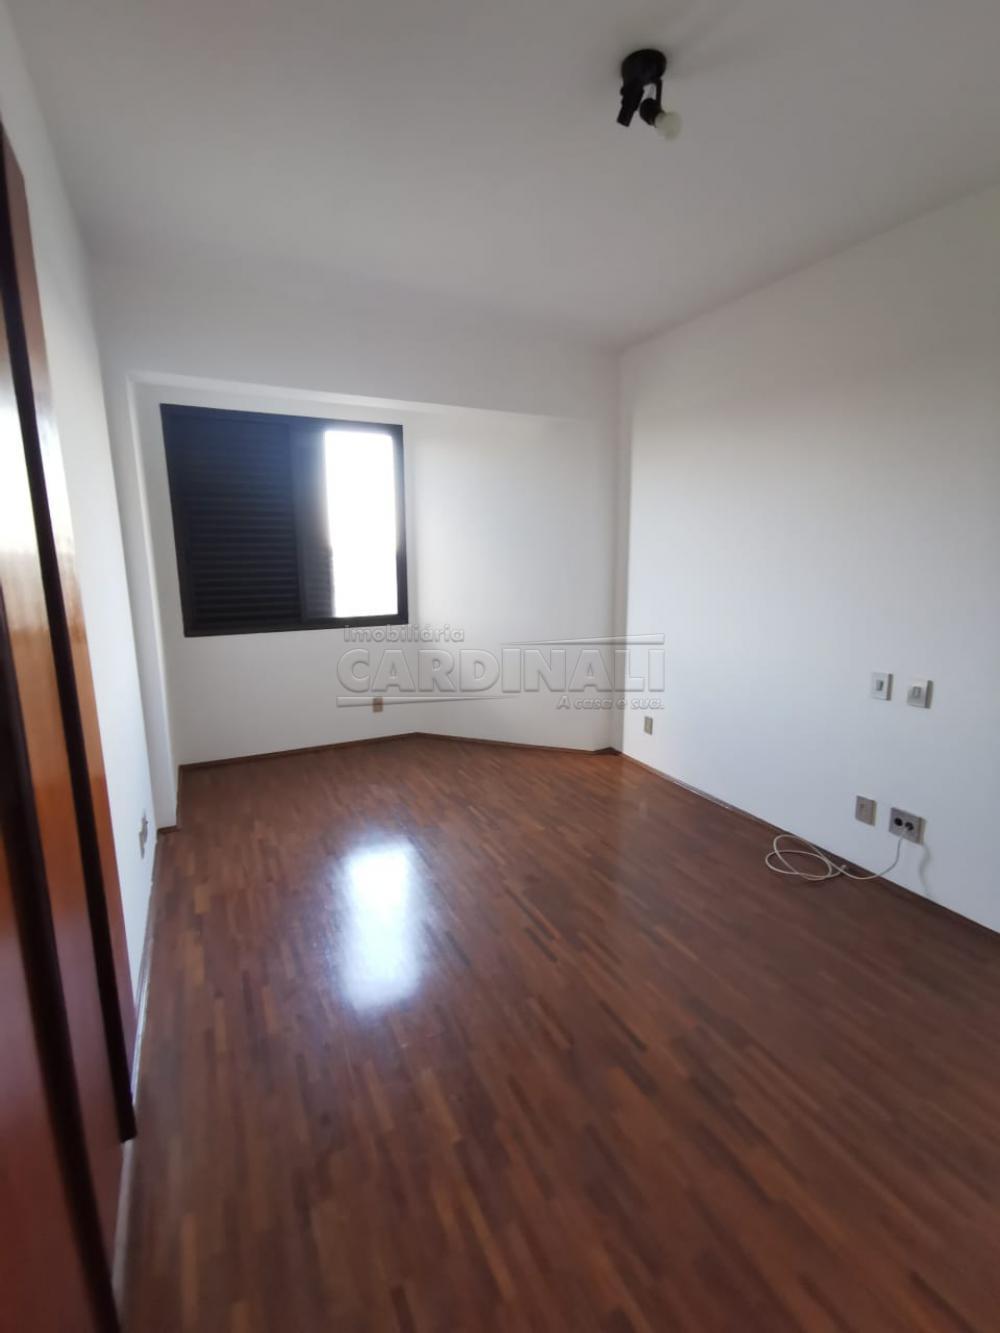 Alugar Apartamento / Padrão em Araraquara R$ 1.500,00 - Foto 11